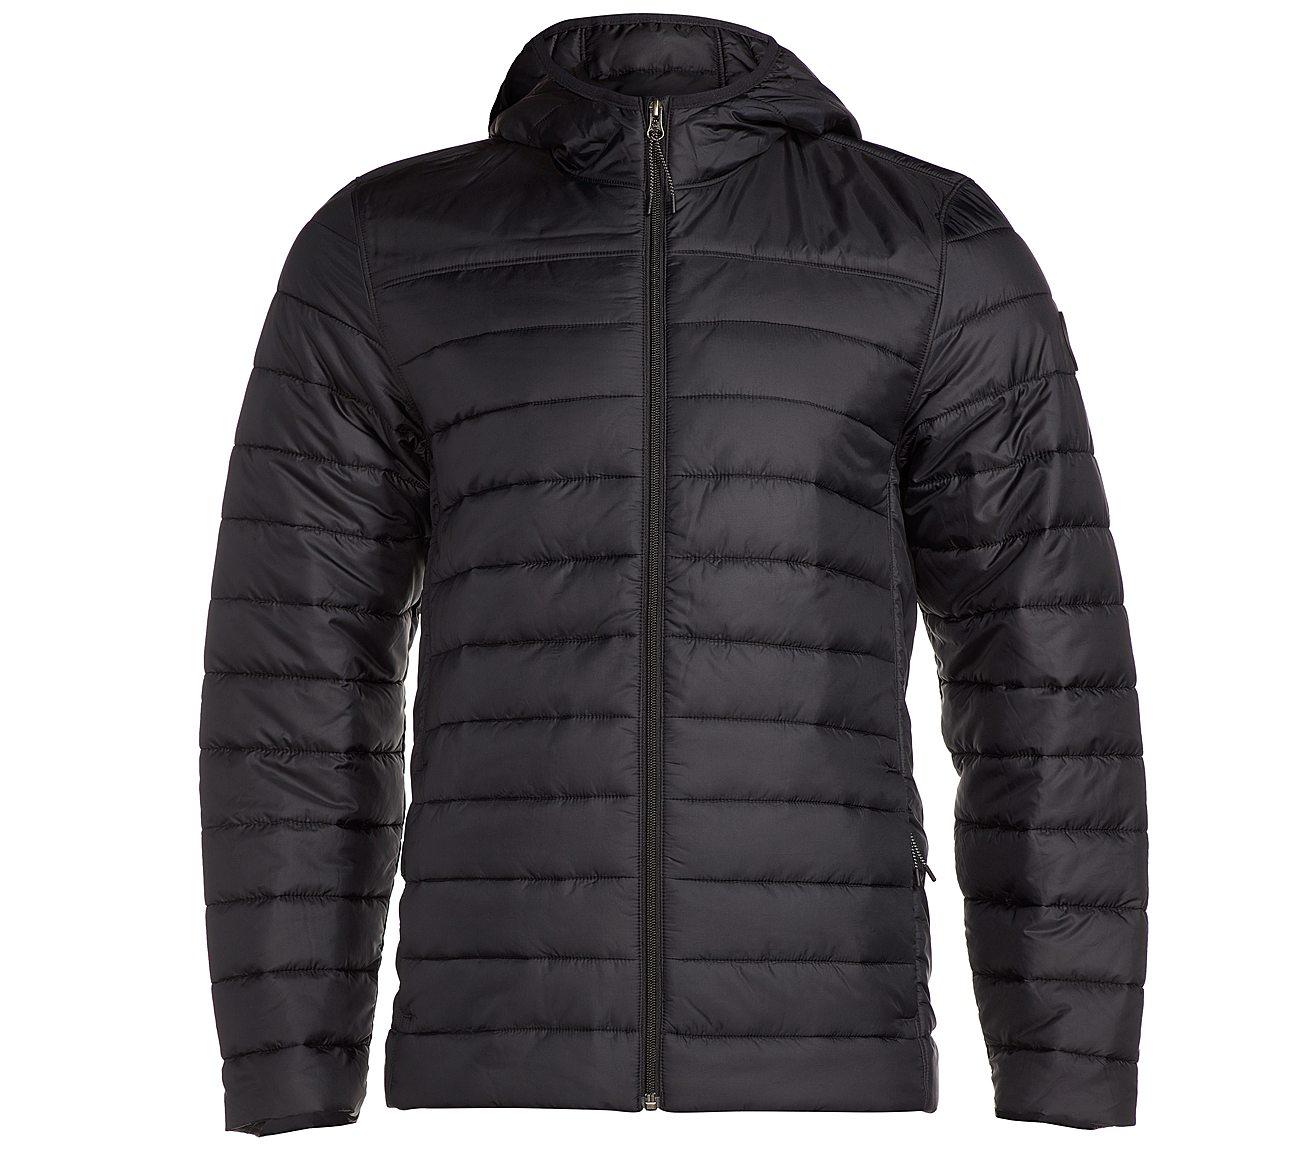 Teton Insulated Jacket